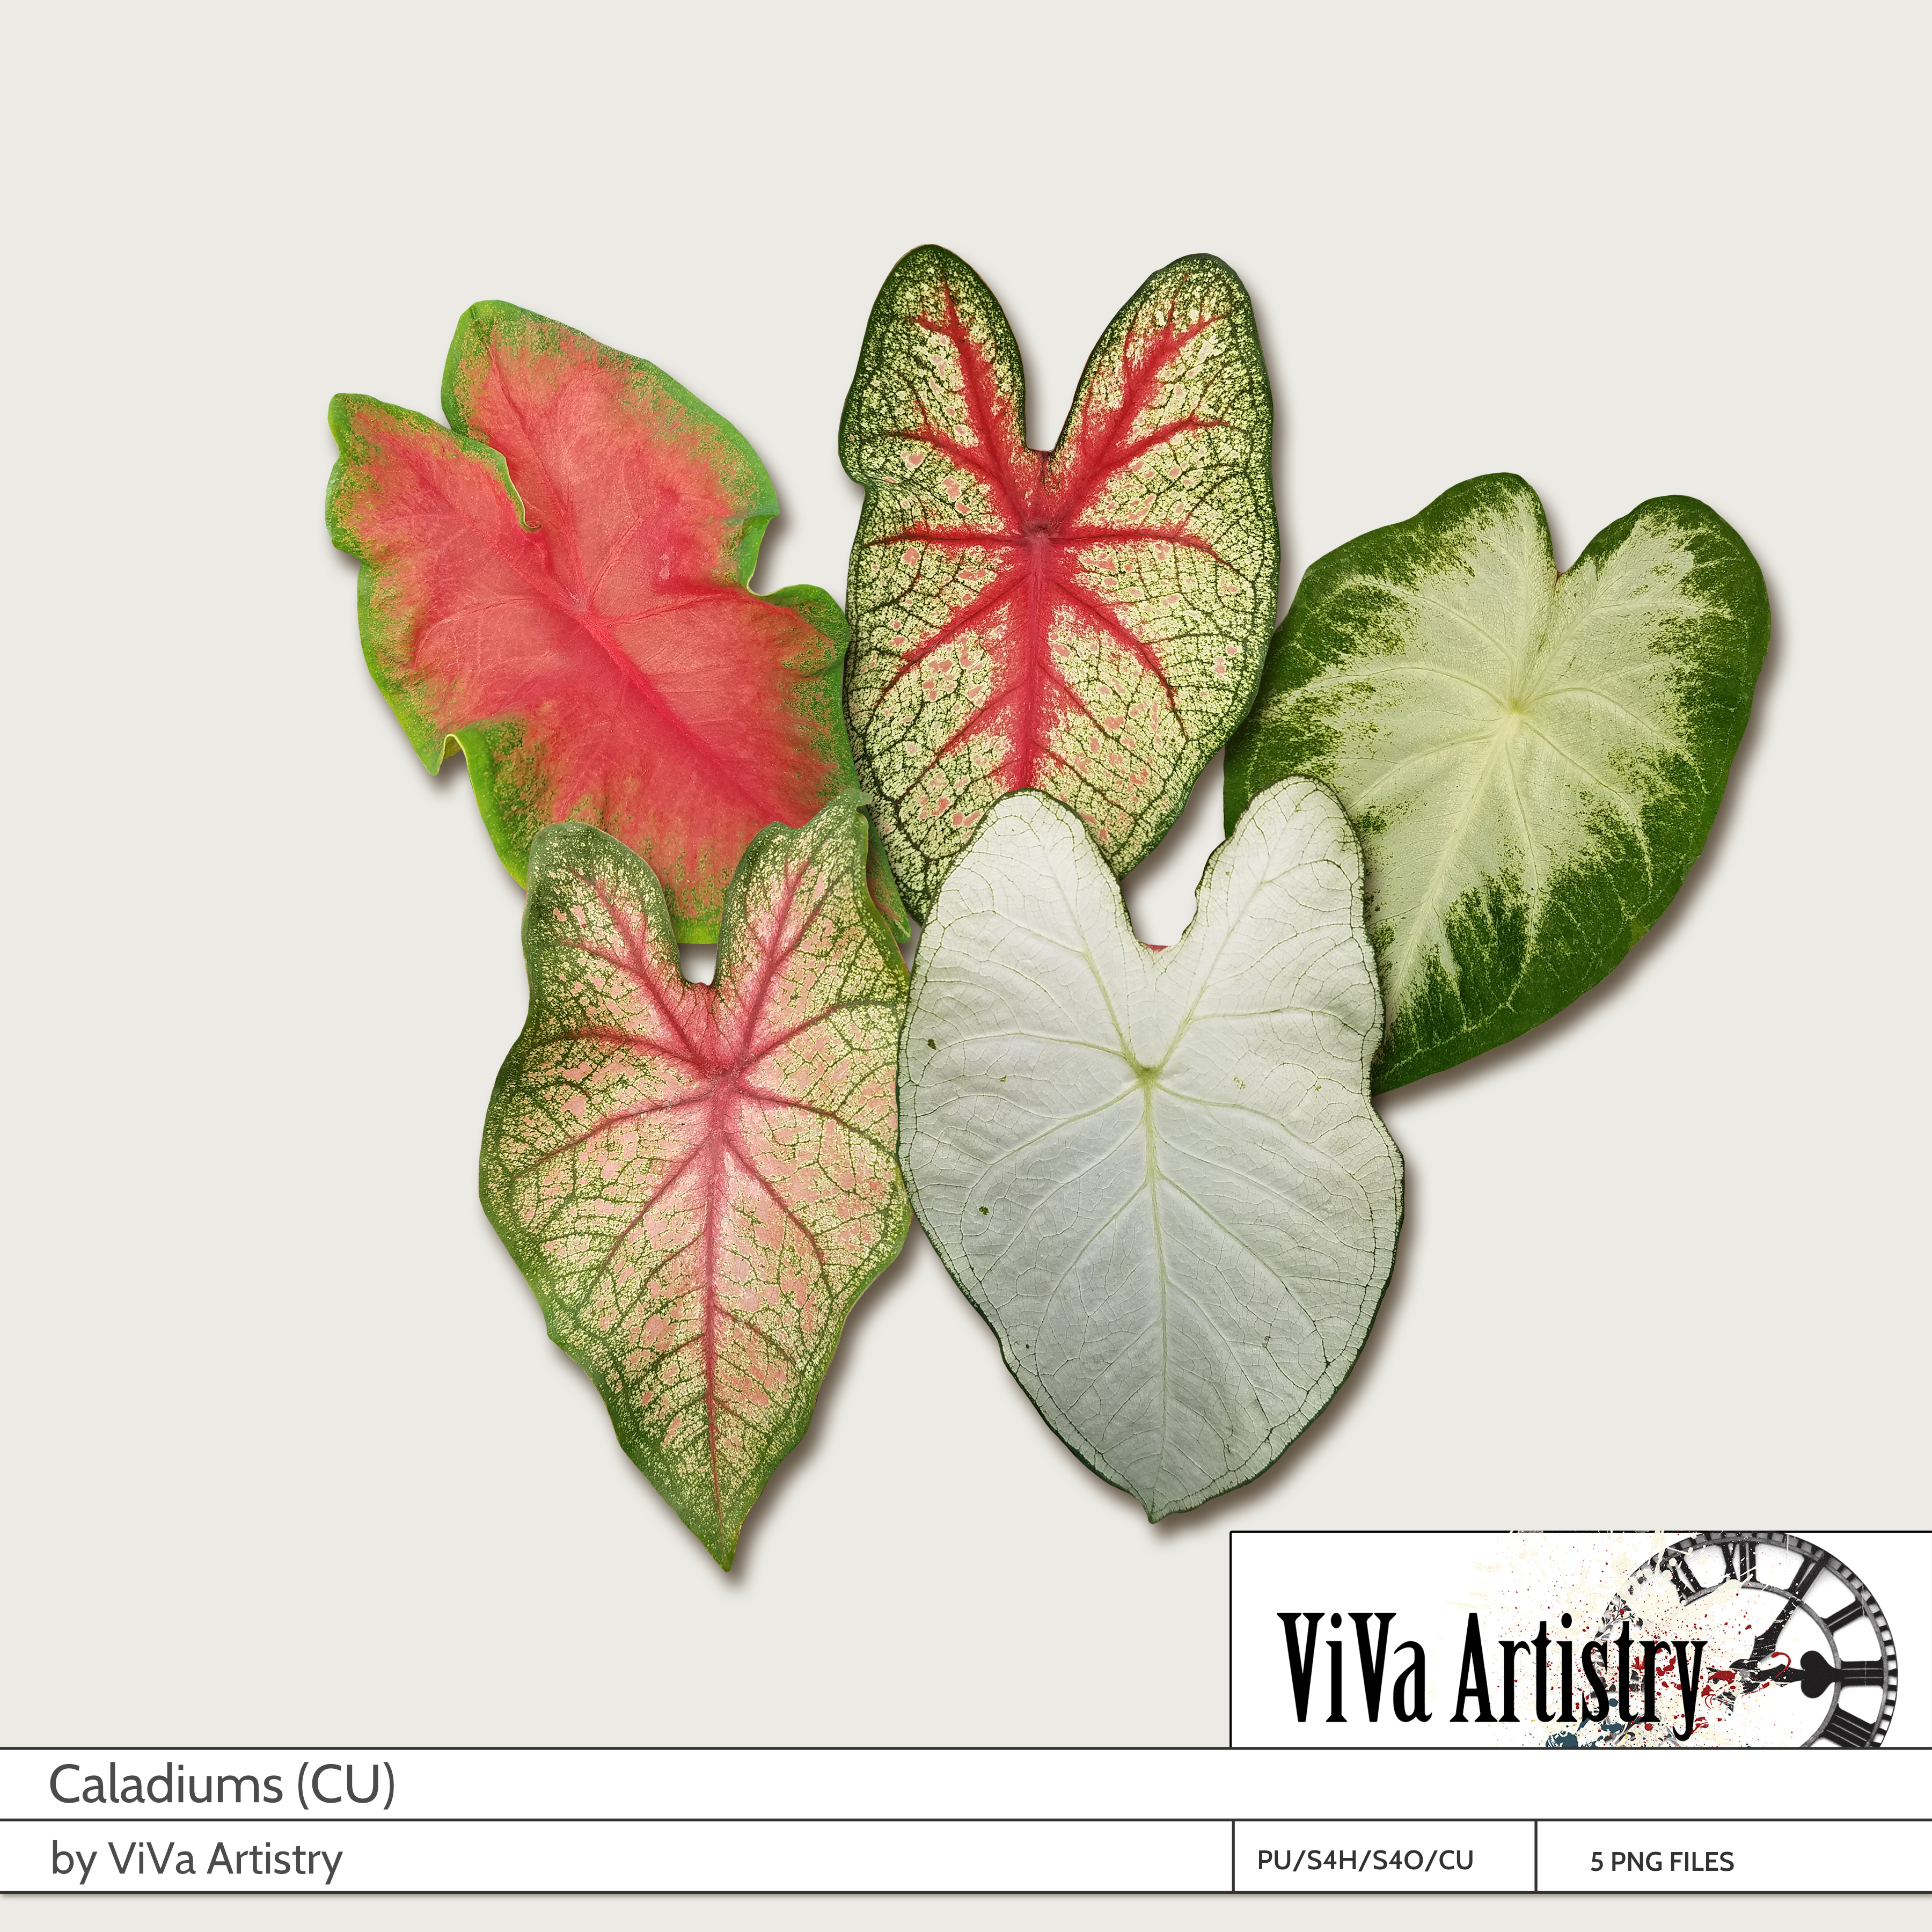 Caladiums (CU)